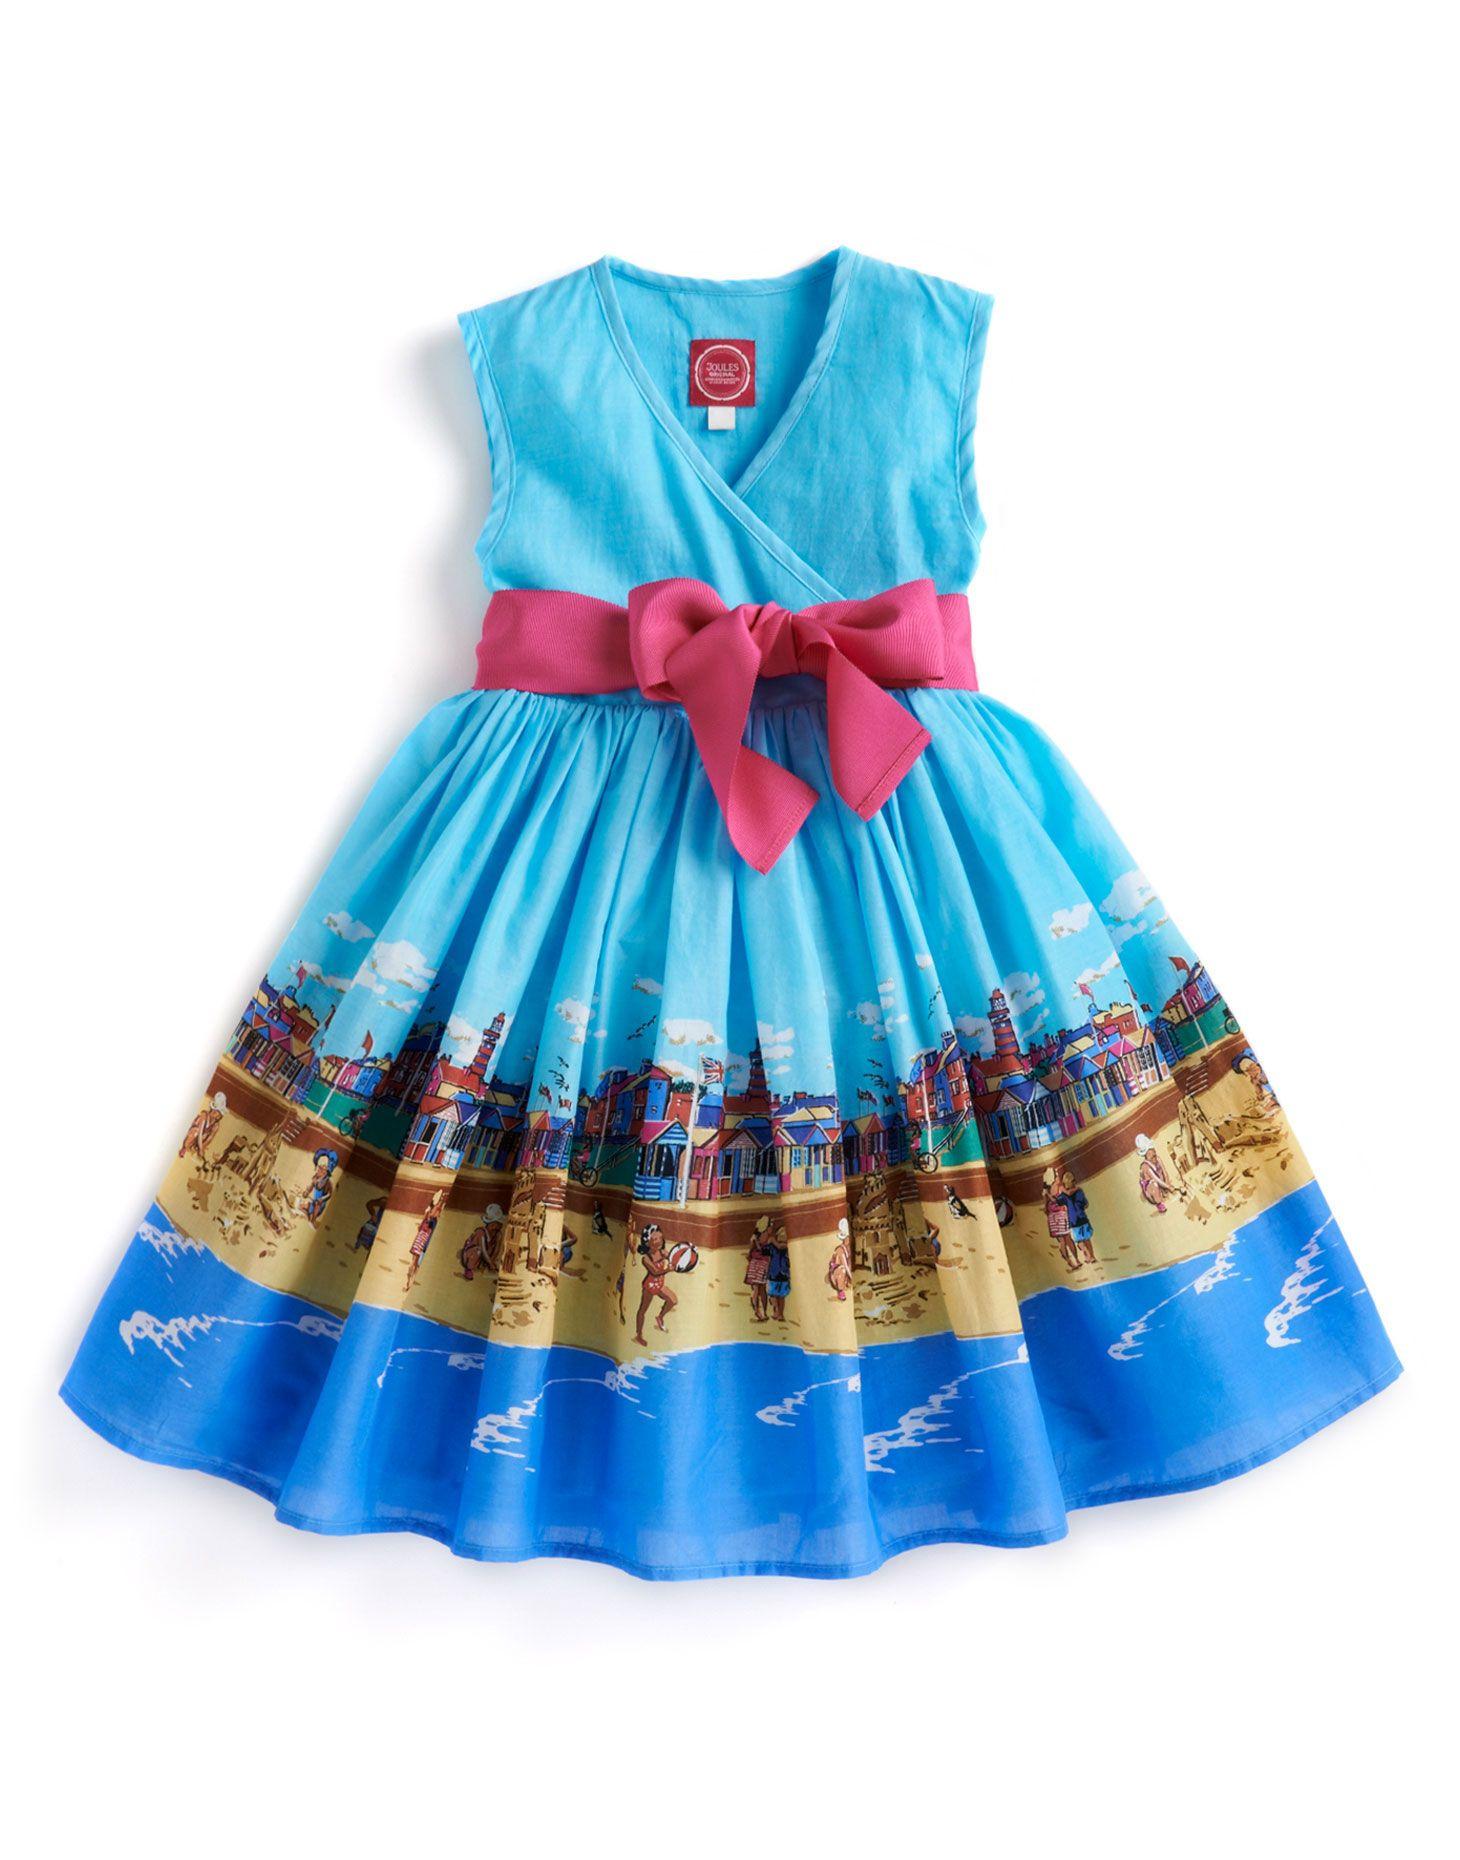 JNR CROQUET Girls Dress-JOULES SS13 | kiddo style | Pinterest ...